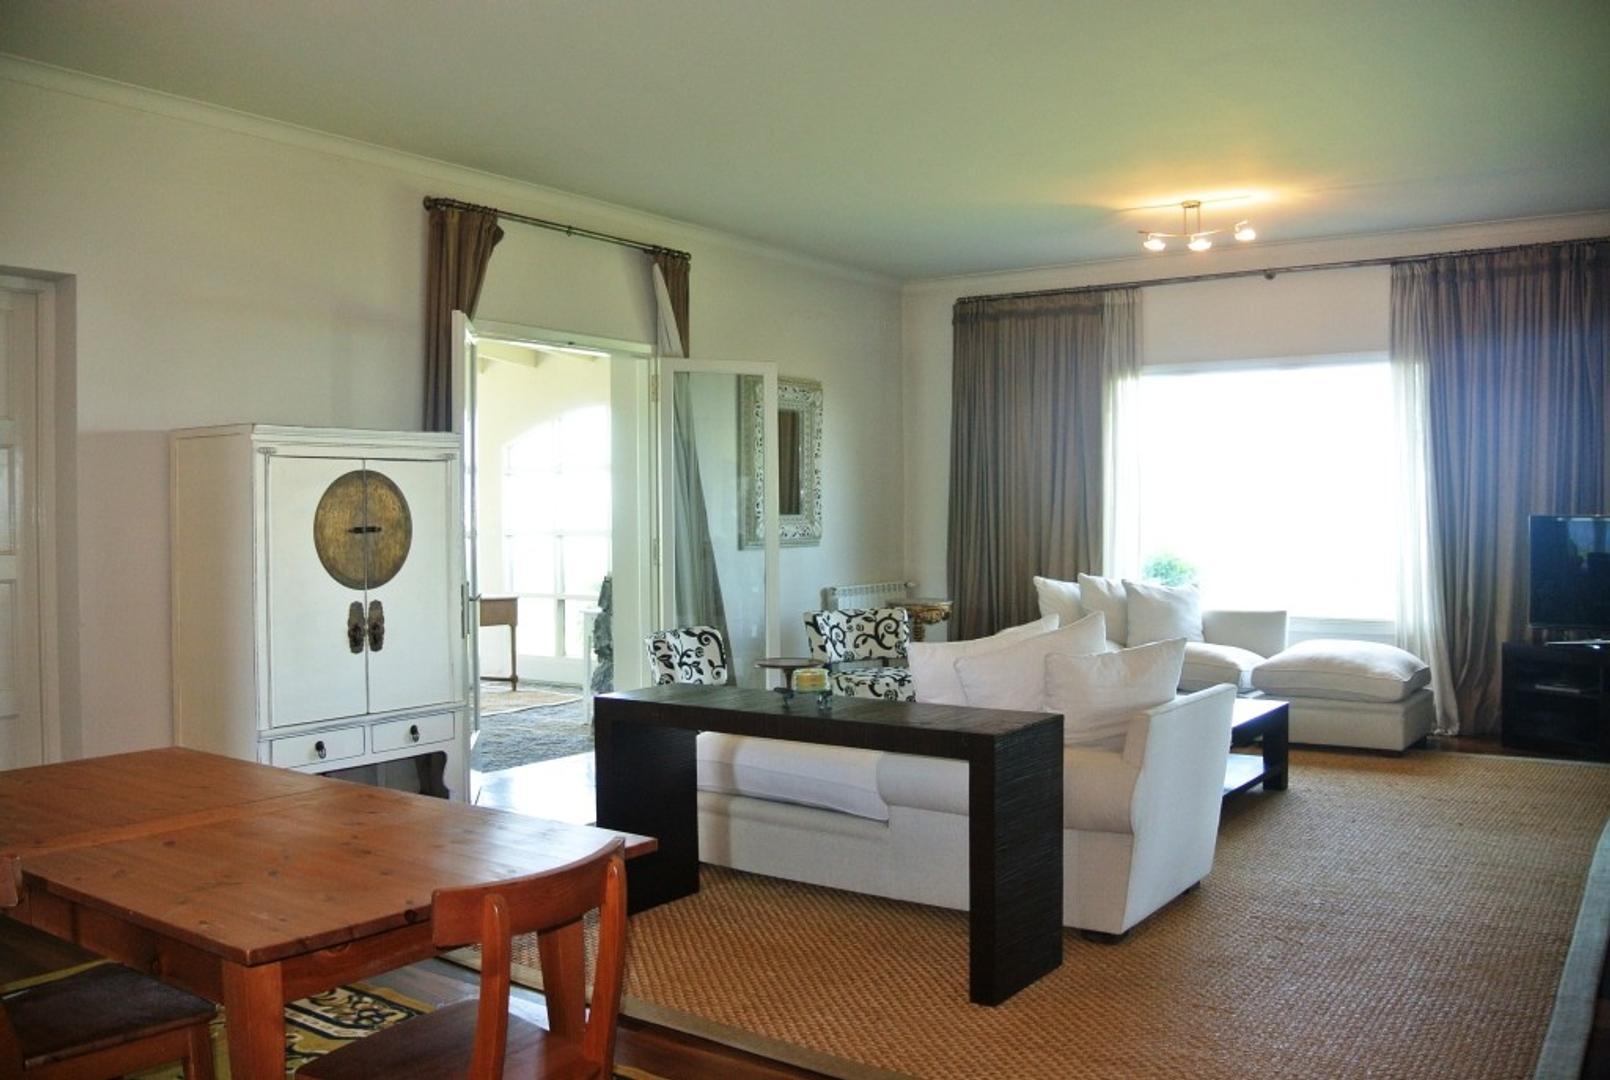 Casa - 506 m² | 8 dormitorios | 8 baños